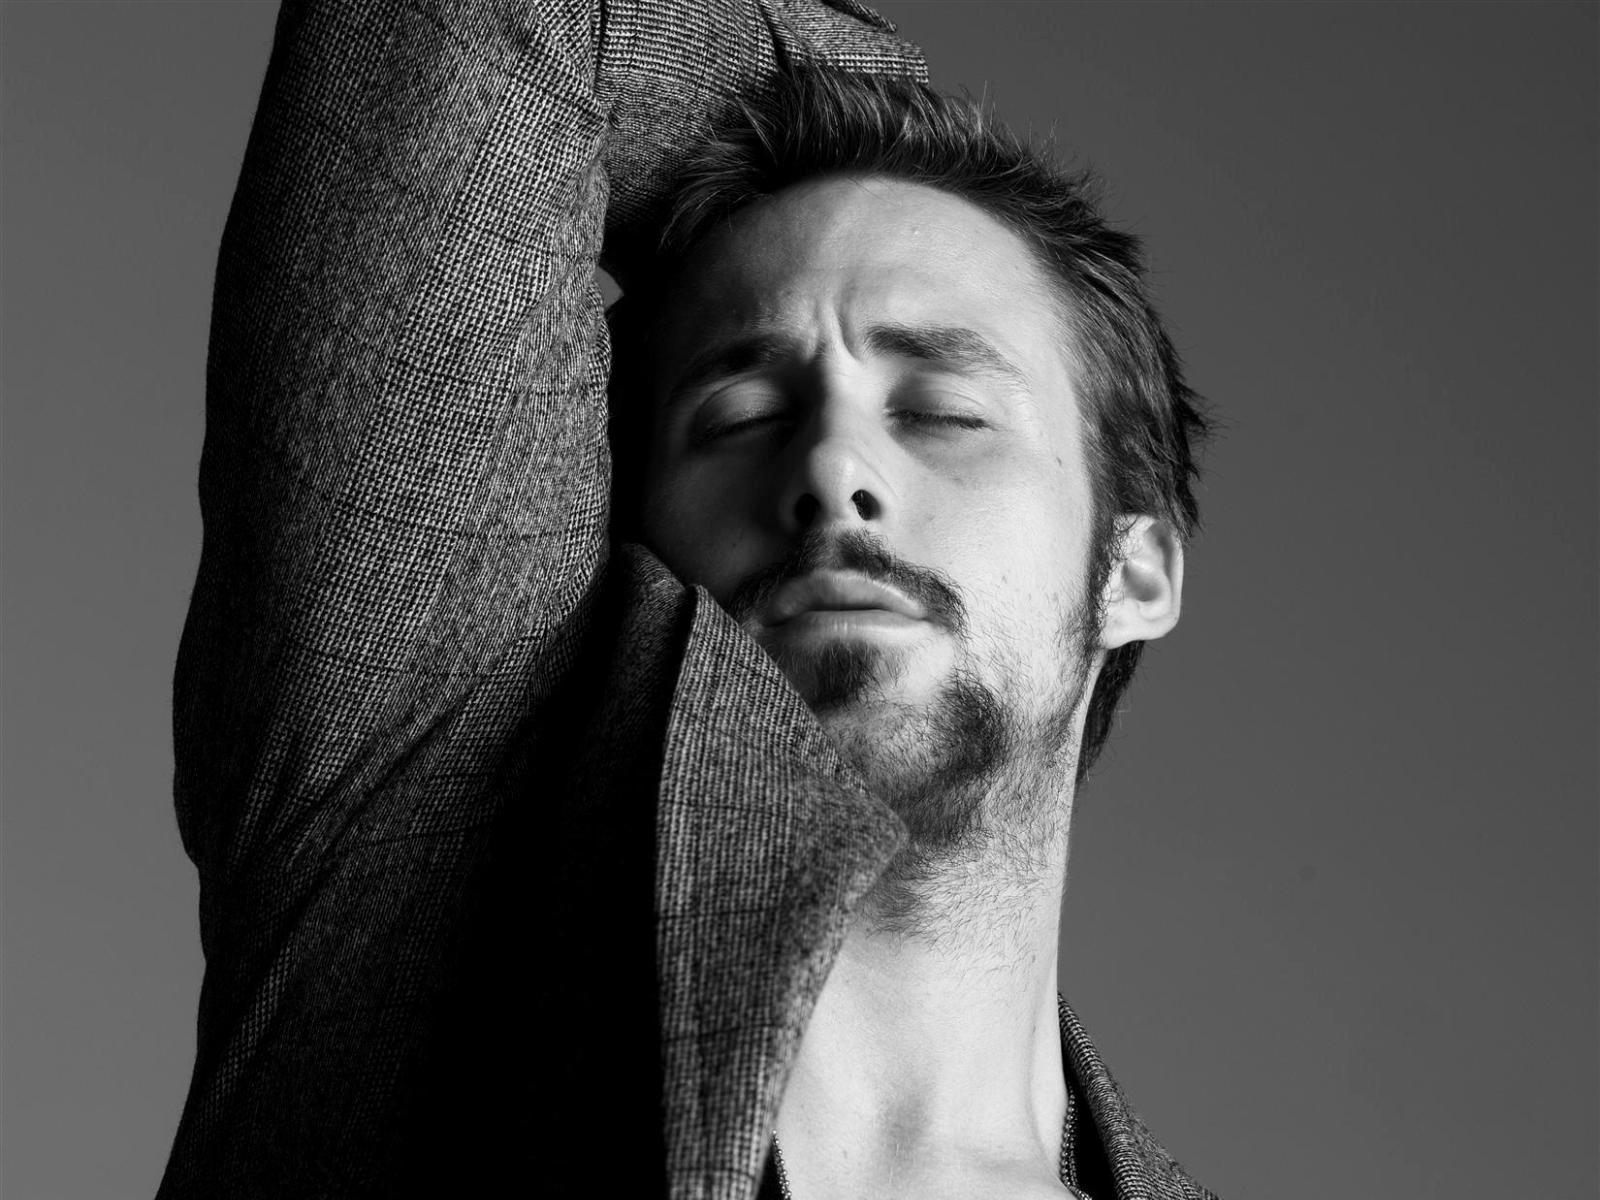 Dan Gosling Wallpaper: Ryan Gosling Wallpaper